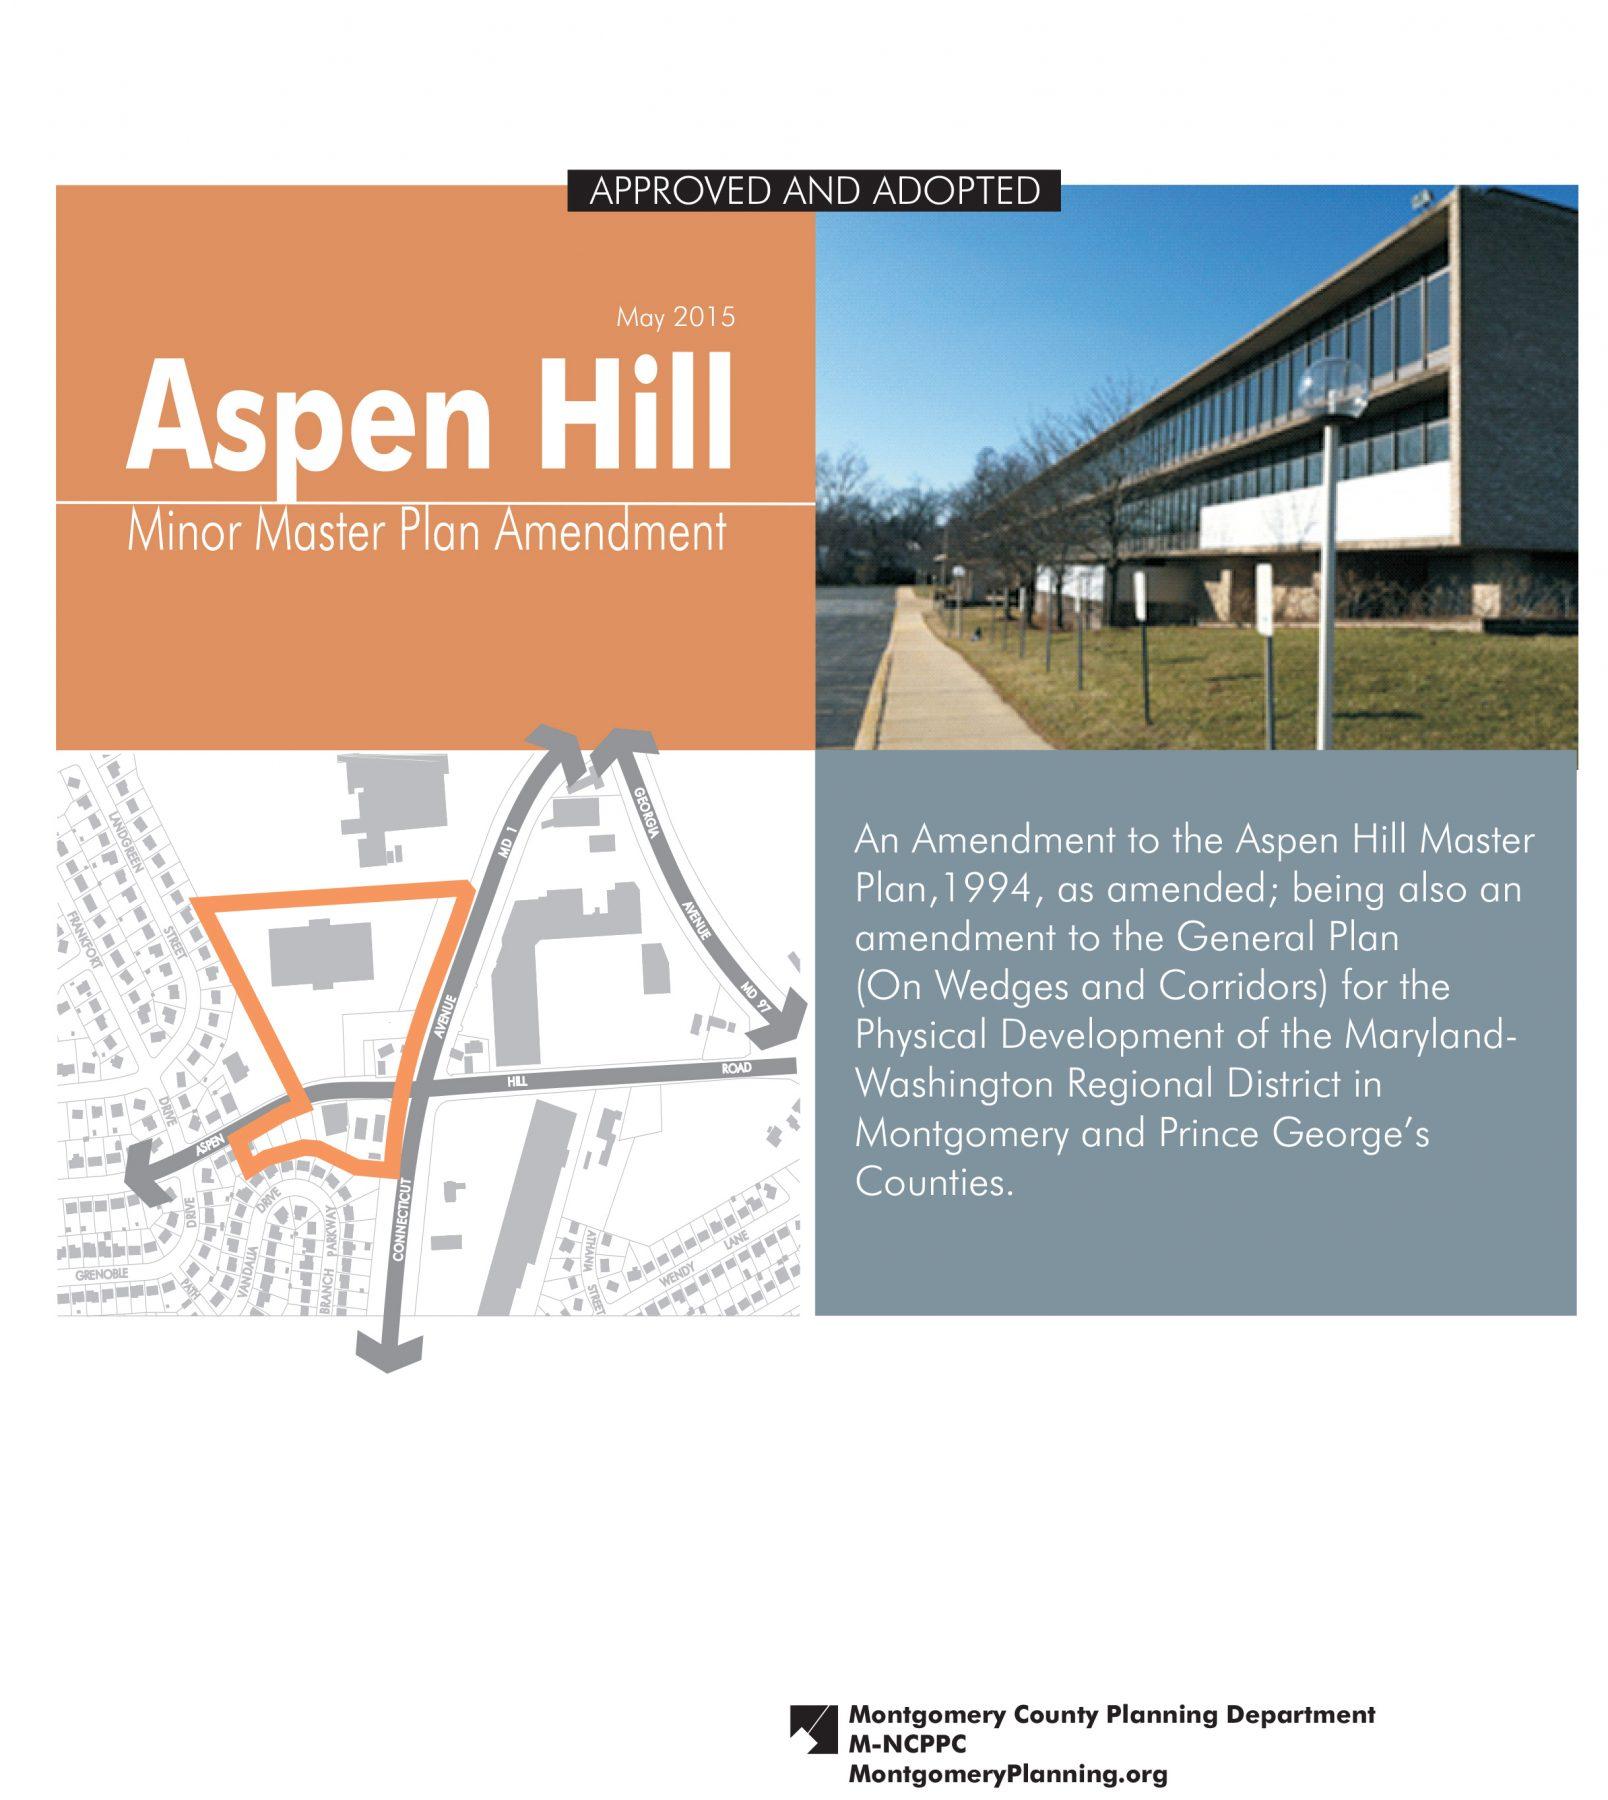 Aspen Hill Minor Master Plan